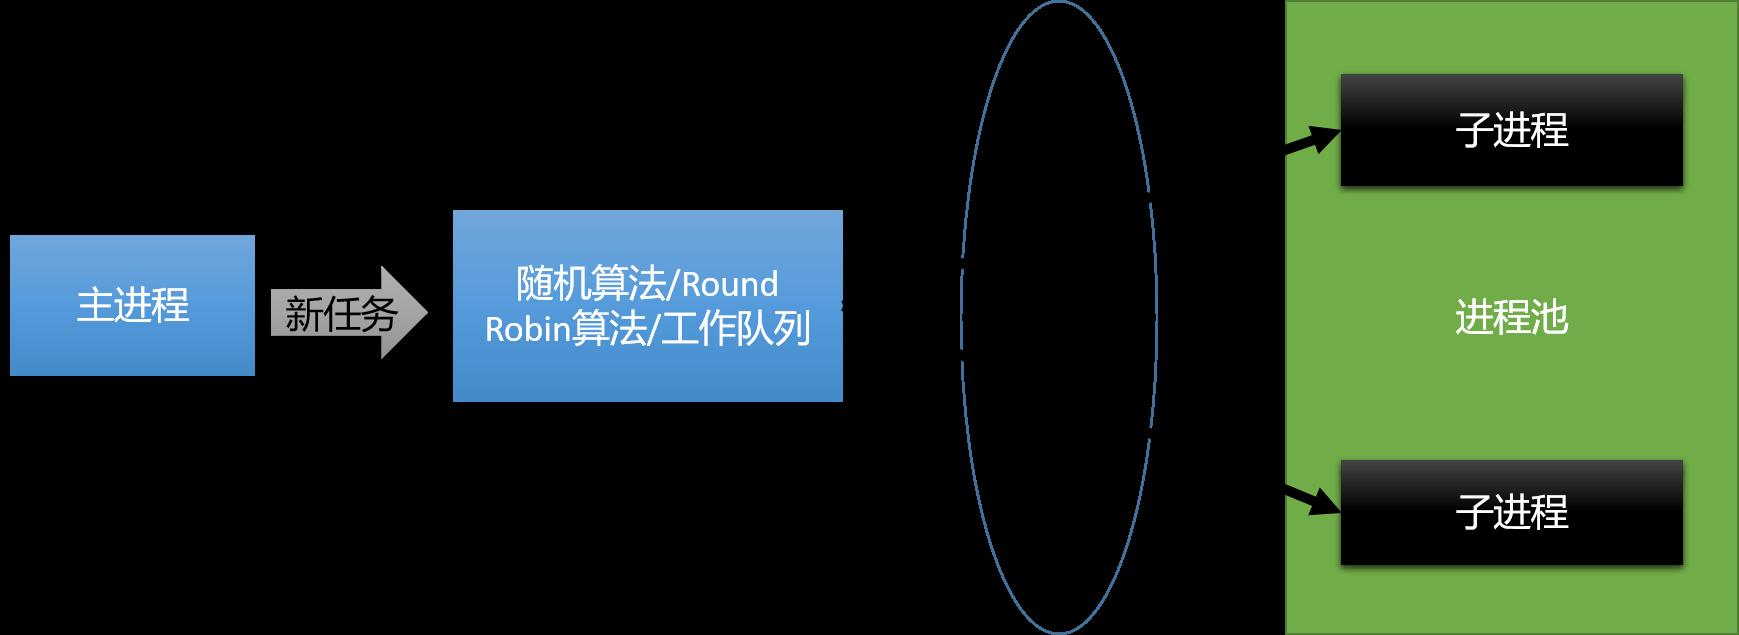 进程池模型